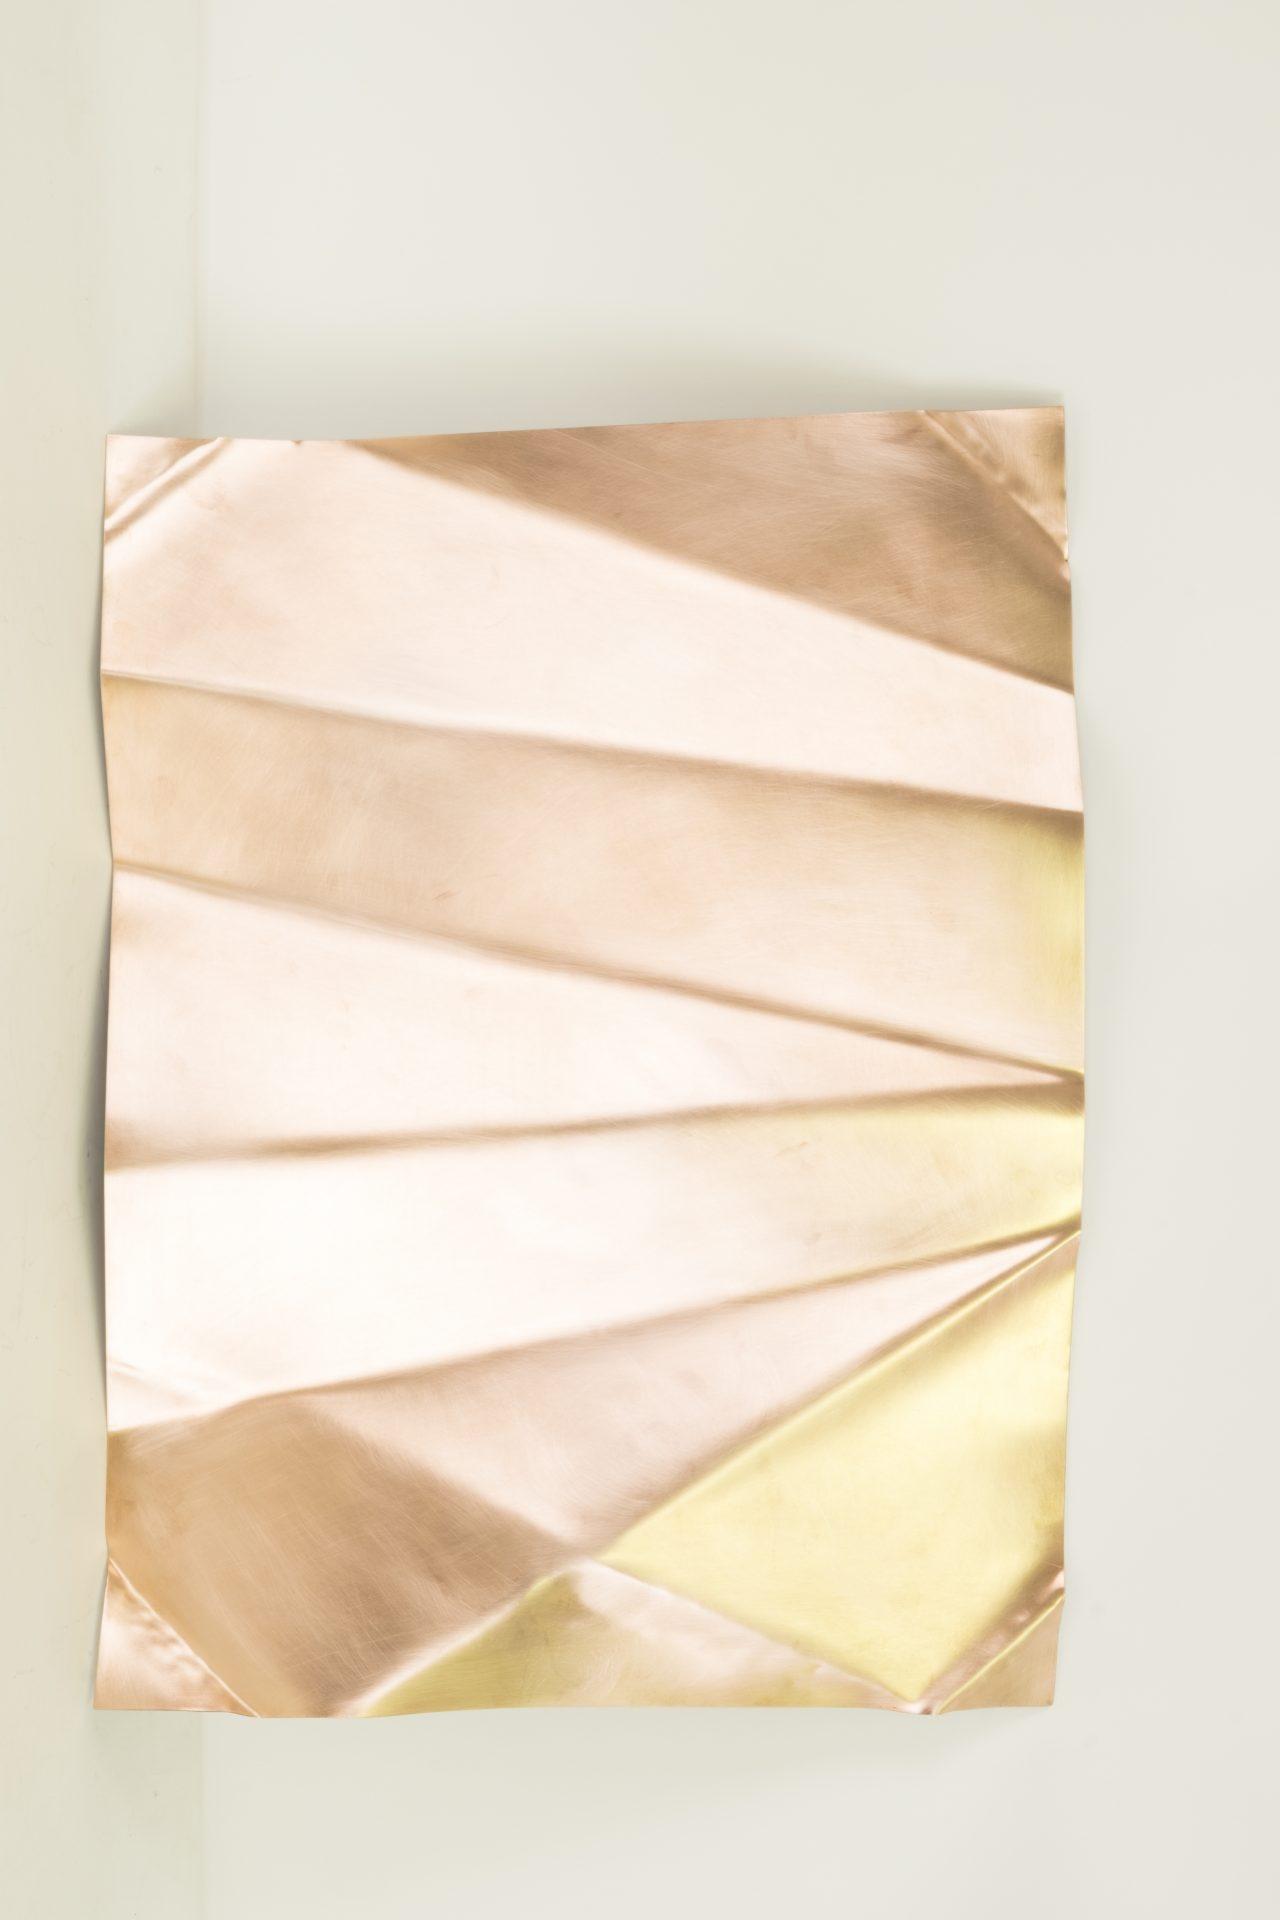 Genitori Forti<br>SPR012<br>misure: 68 x 51 x 7 cm<br>tecnica: scultura di rame<br>anno: 2018